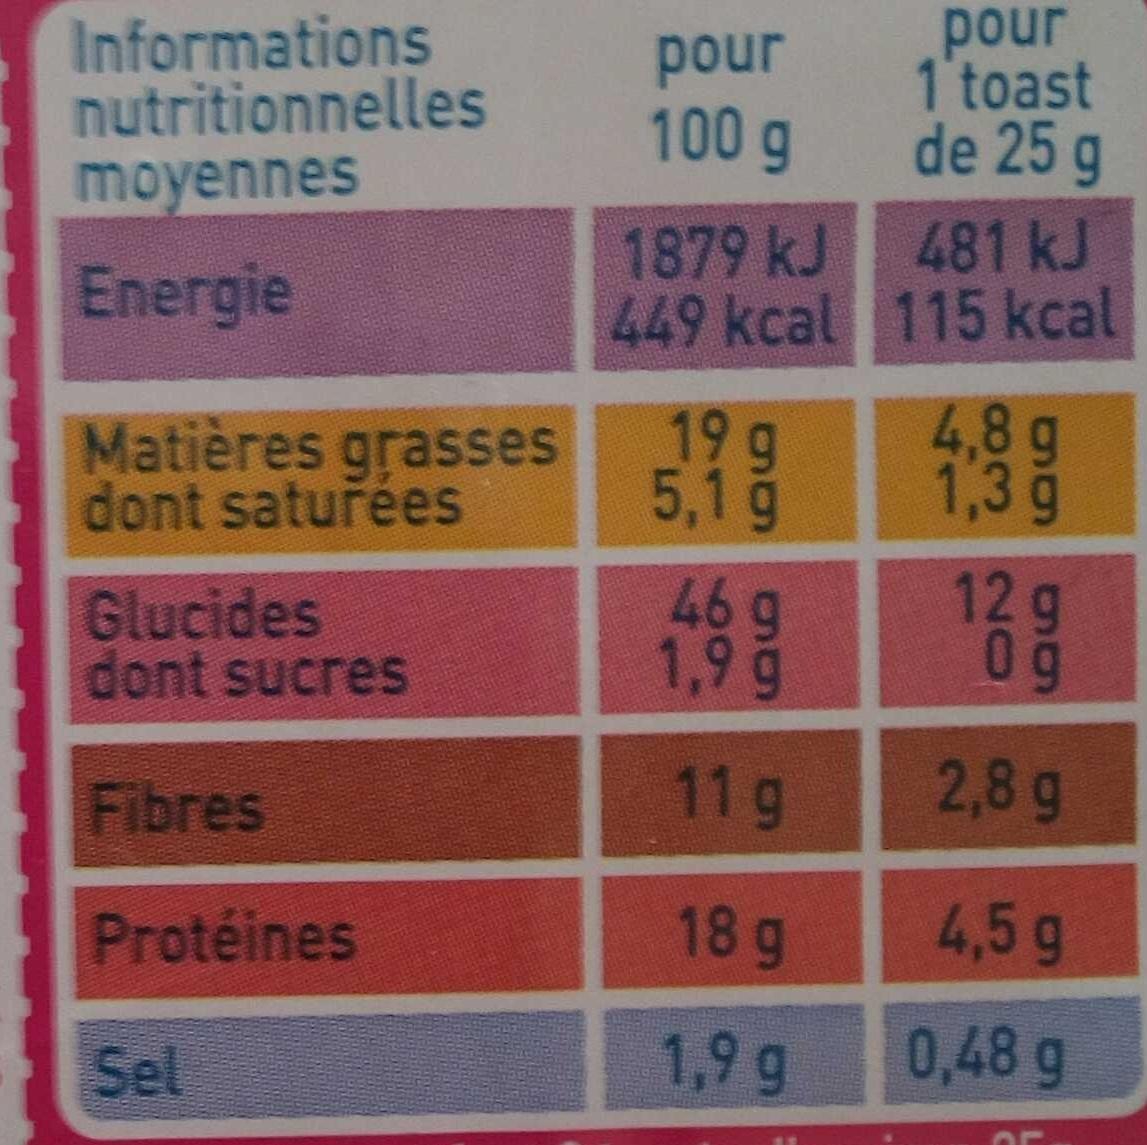 Toast croustillant au fromage et graines de courge - Voedingswaarden - fr